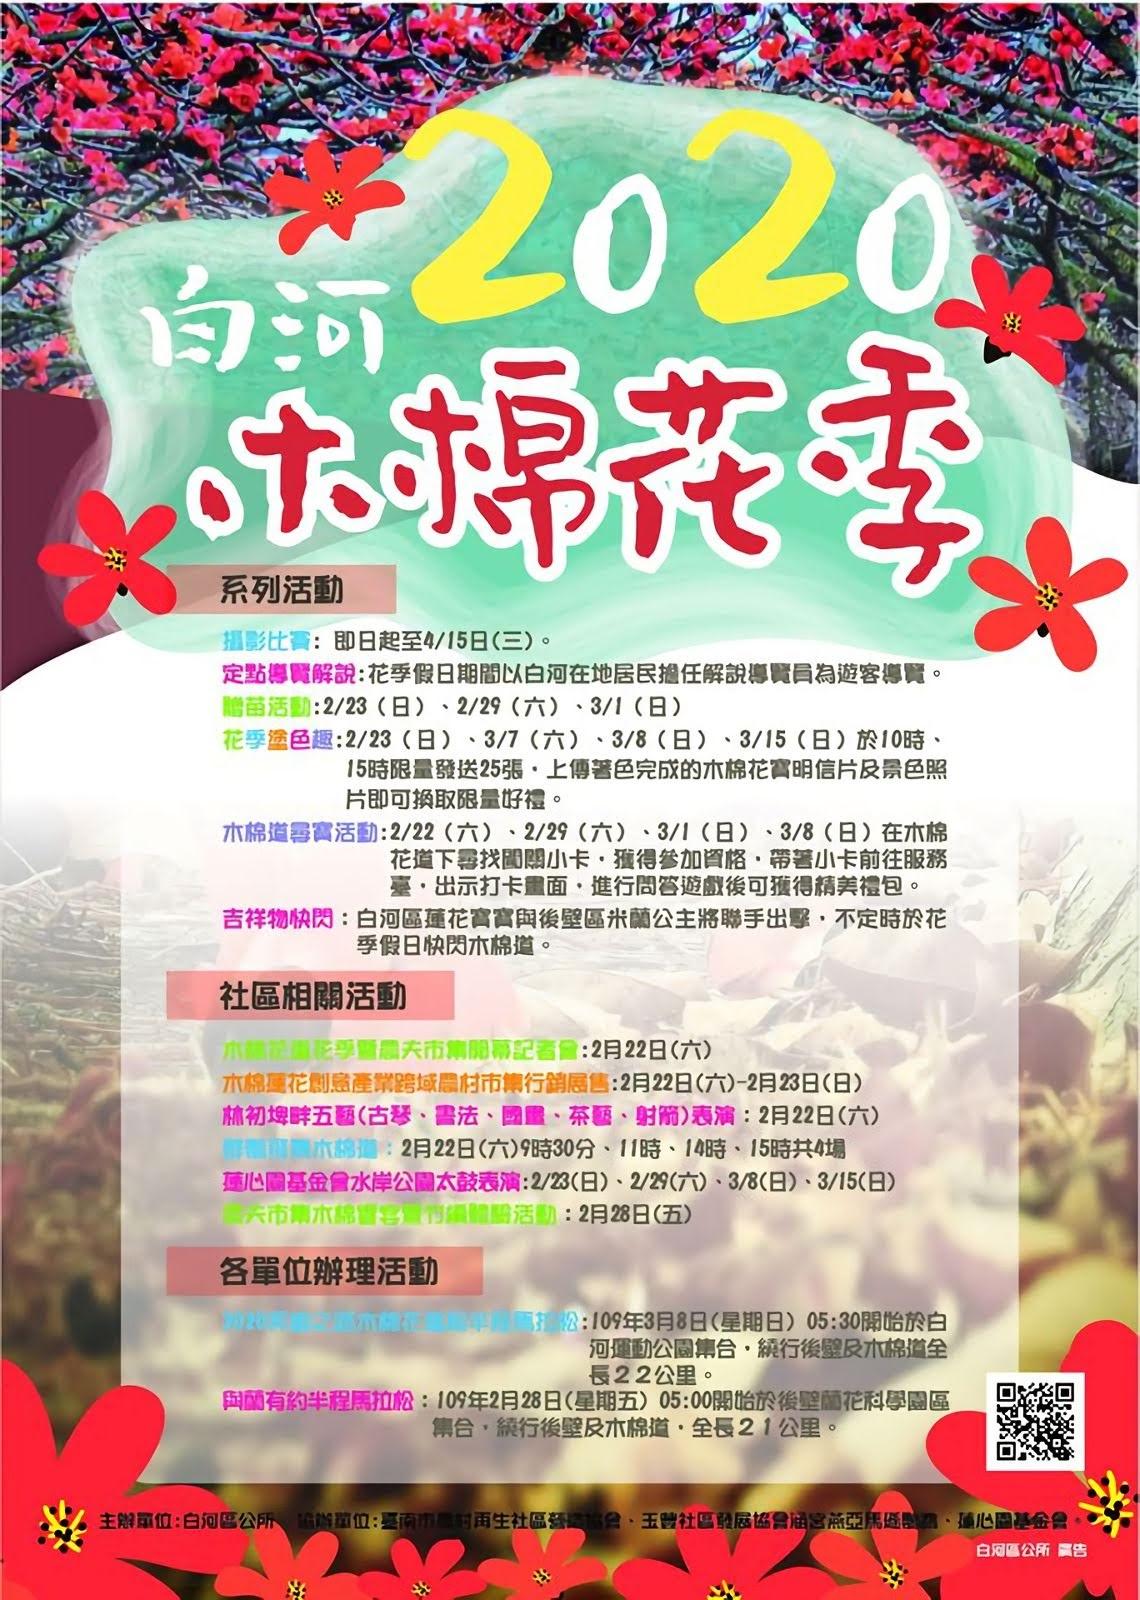 [活動] 初春林初埤木棉花綻放|2020白河木棉花季2/22-3/15絕美登場